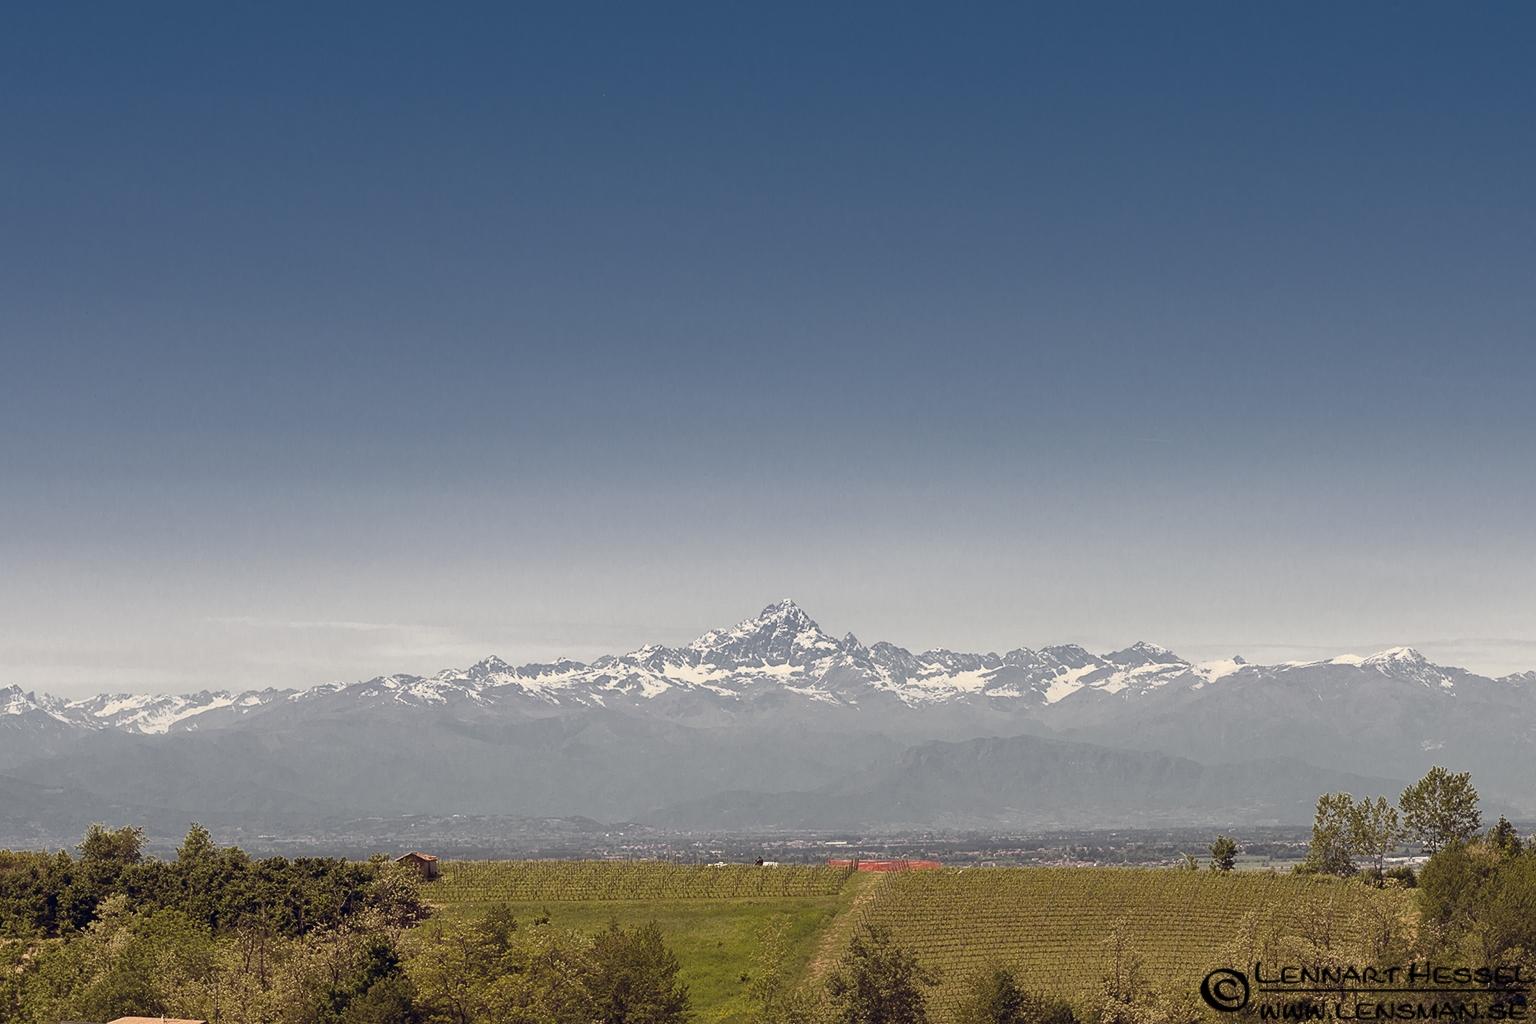 Matterhorn from La Morra in Piedmont, Italy